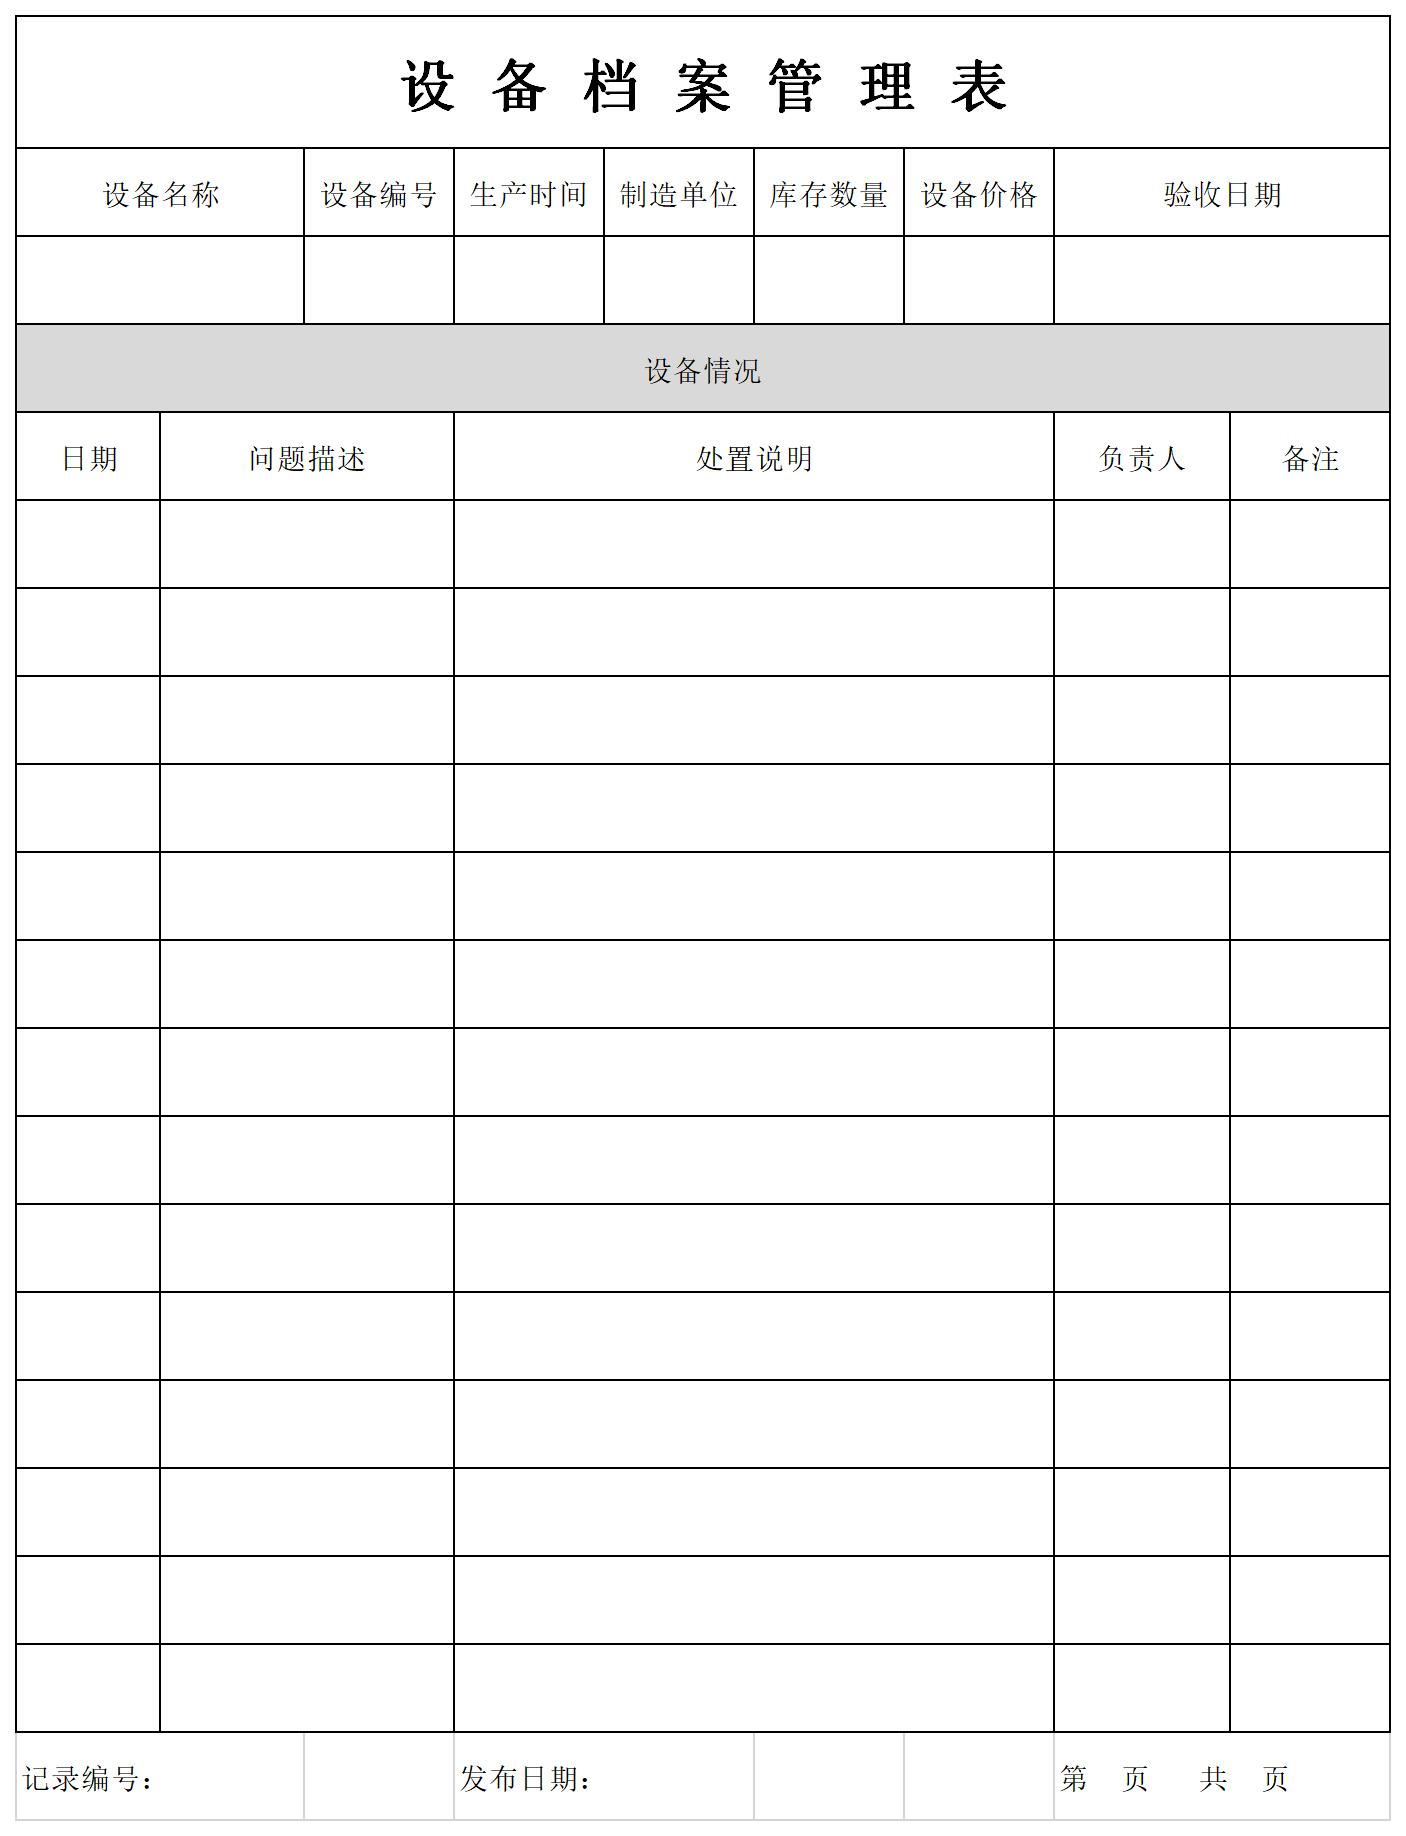 设备档案管理表截图